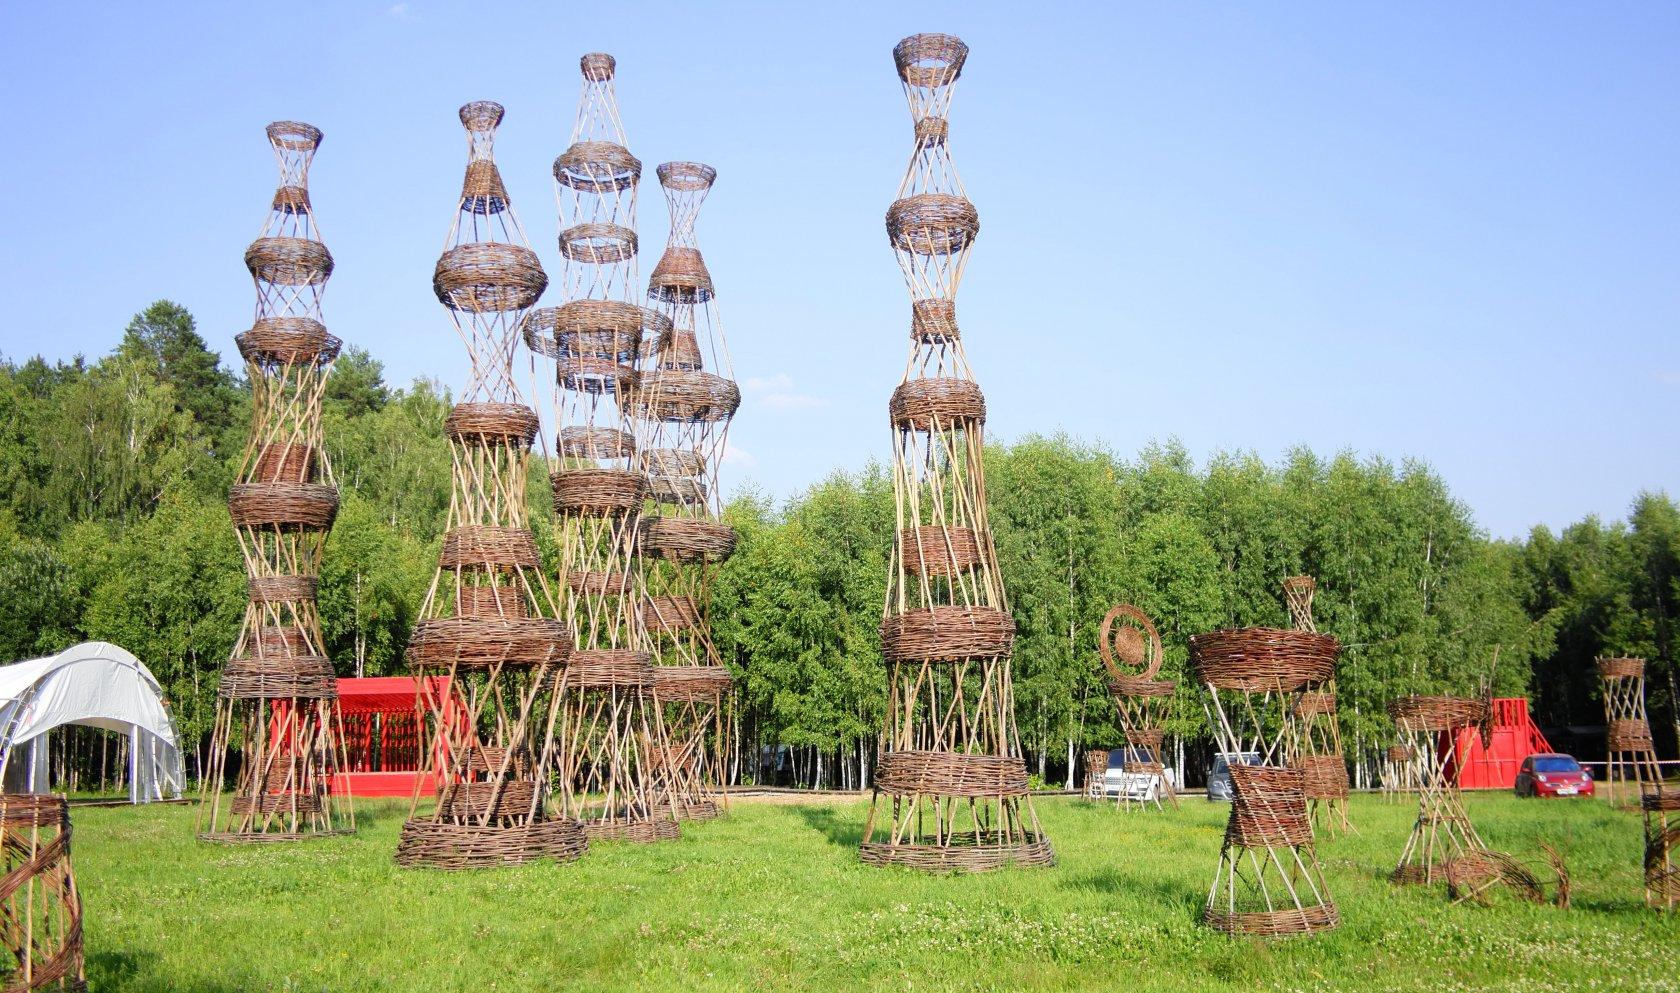 арт парк никола ленивец калужская область фото конструкции лестницы